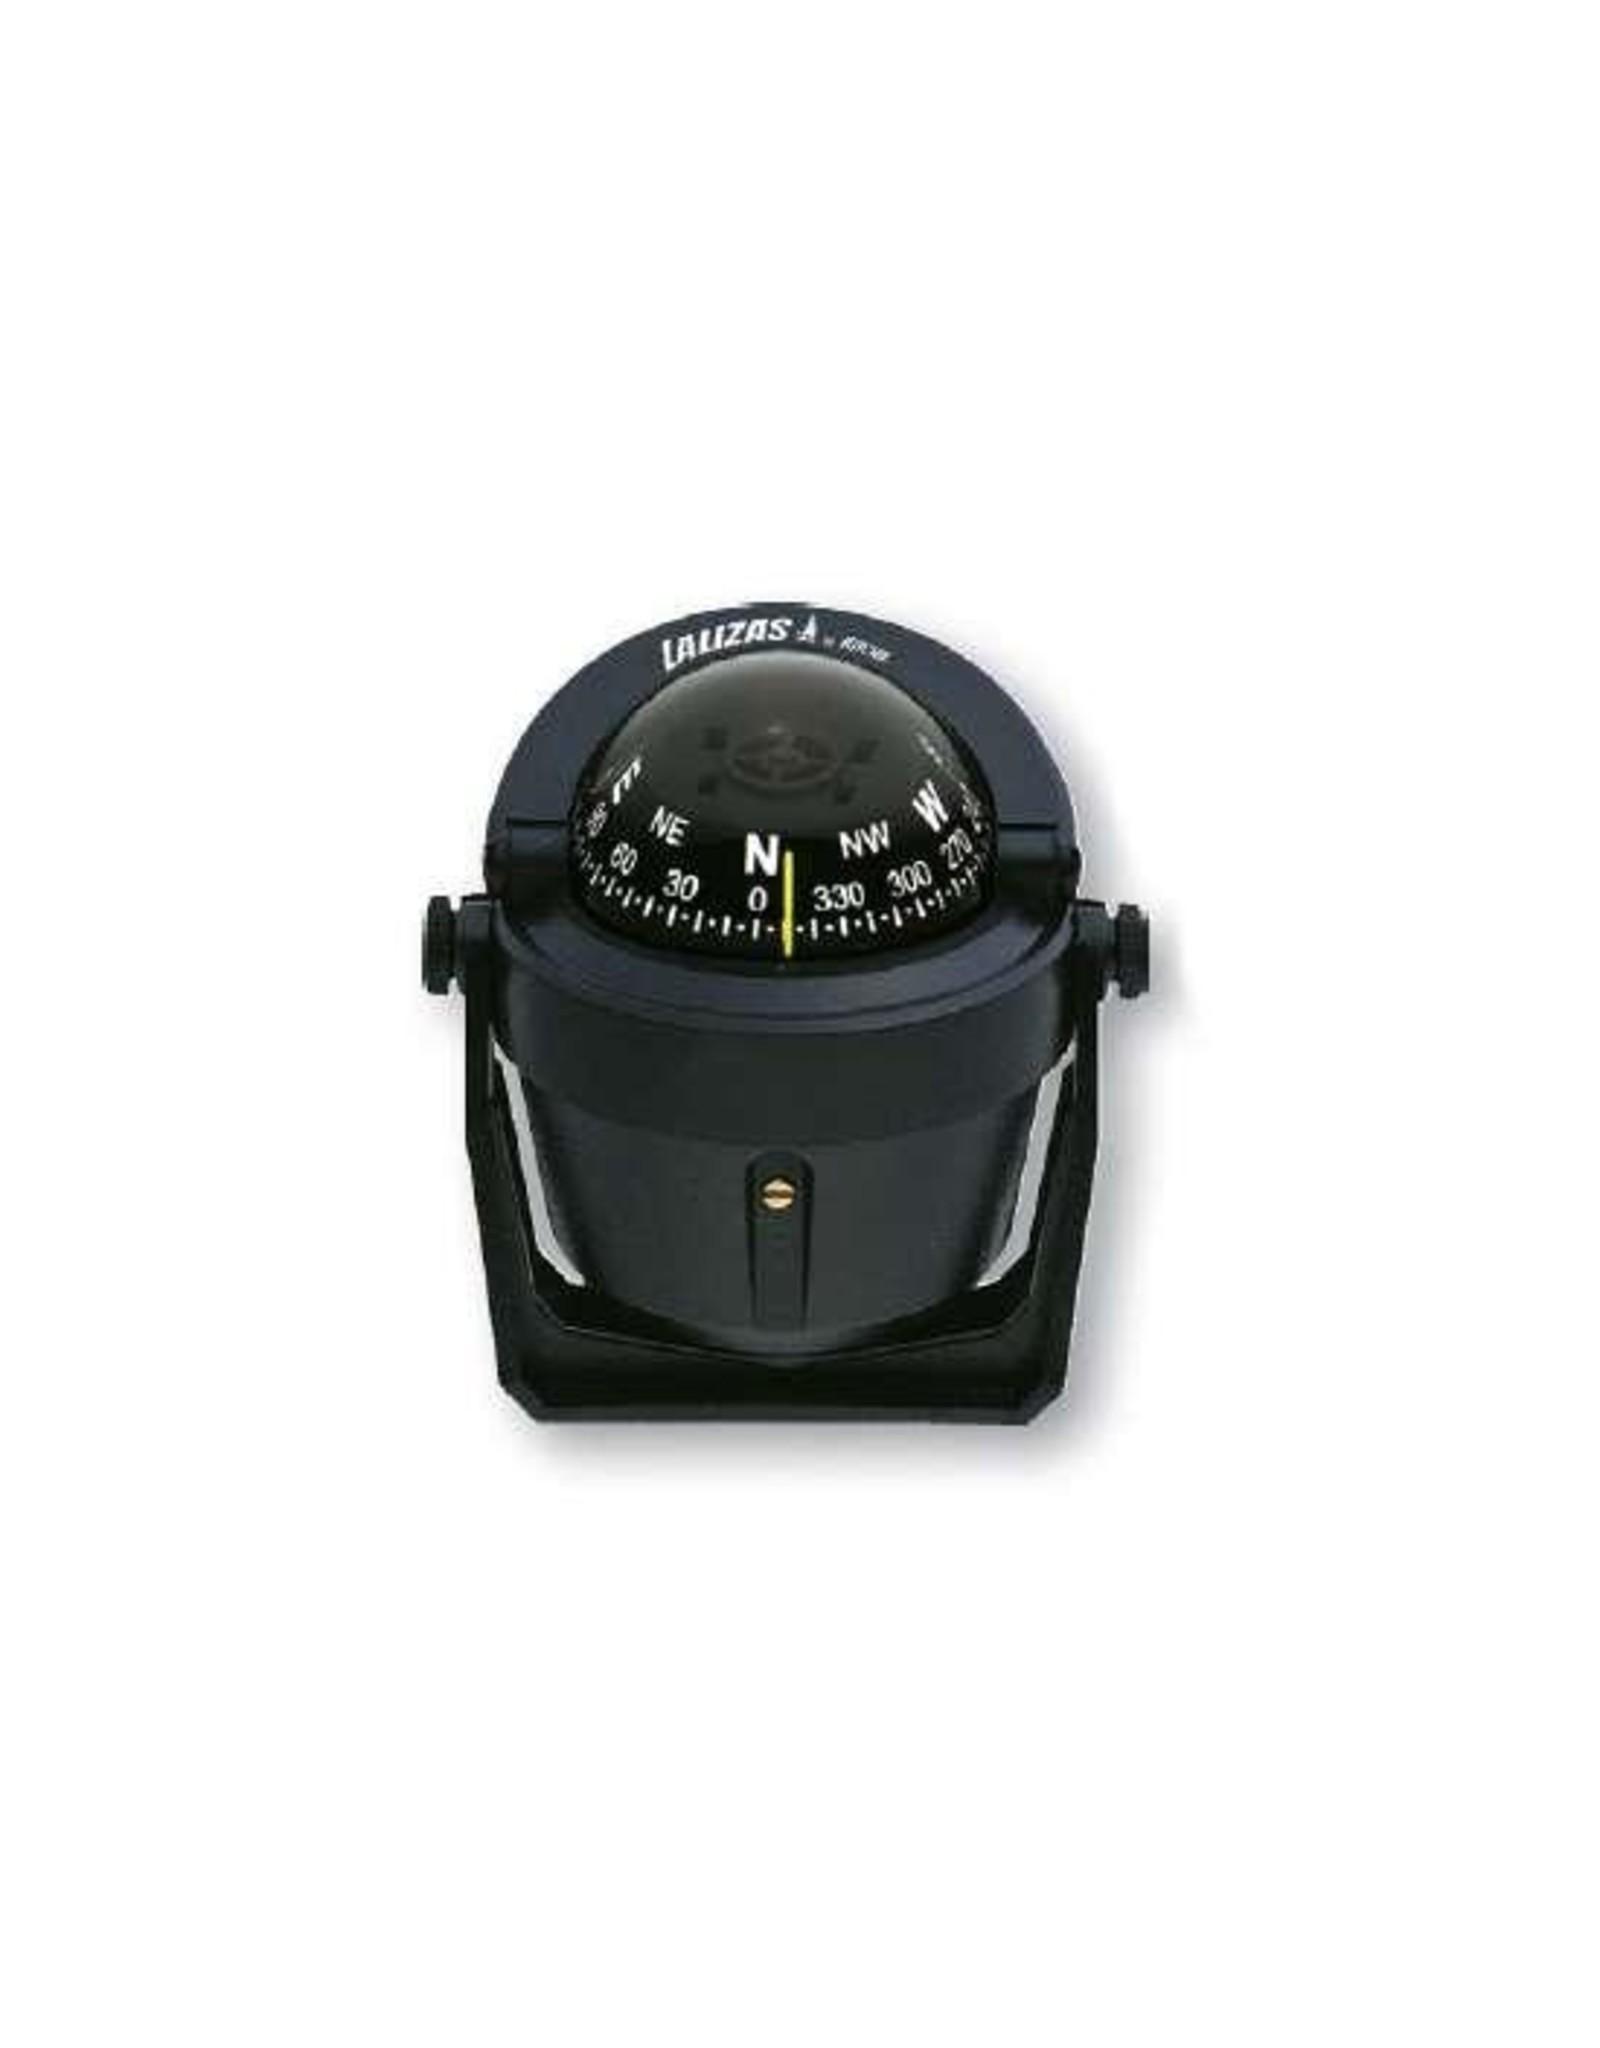 Lalizas explorer kompas met bracket mount